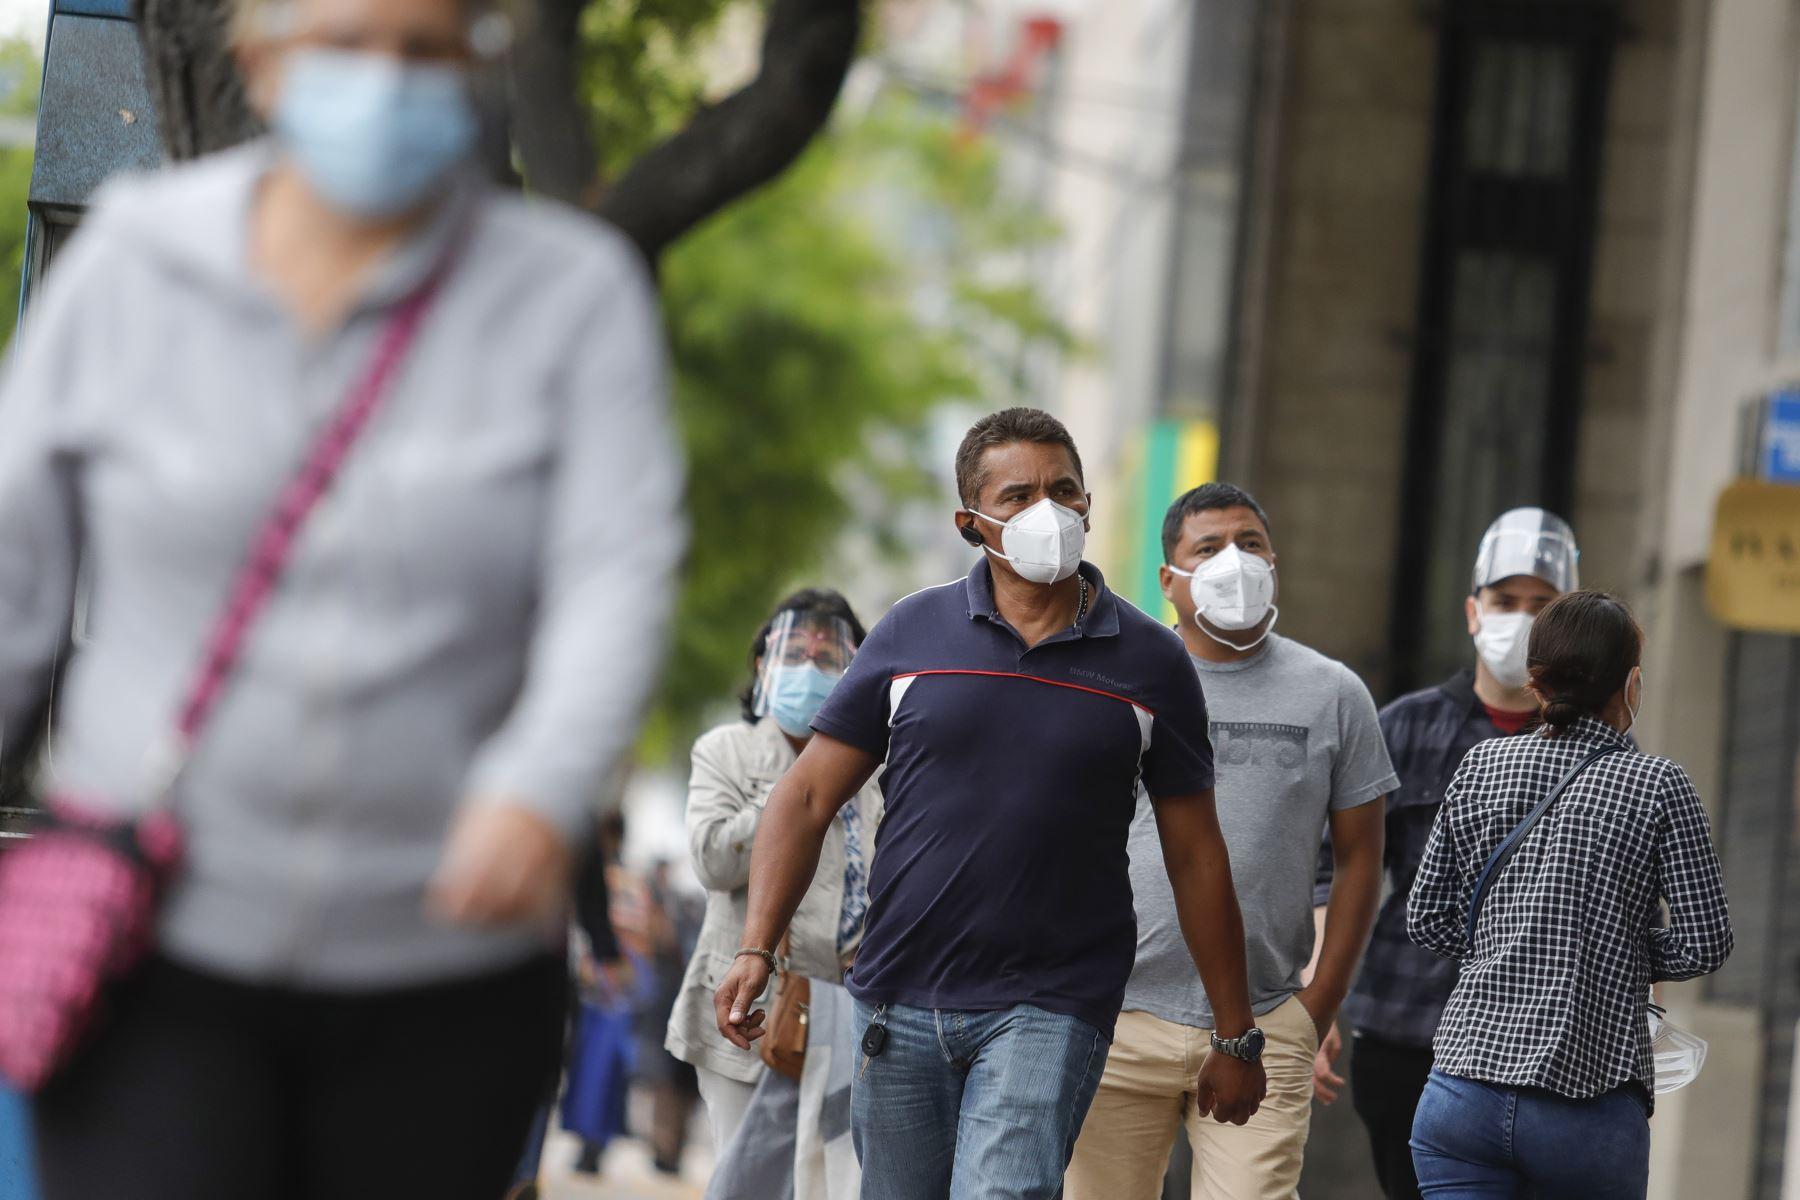 Especialista del INS pide no bajar la guardia y seguir cumpliendo con las medidas sanitarias. Foto: ANDINA/Renato Pajuelo.